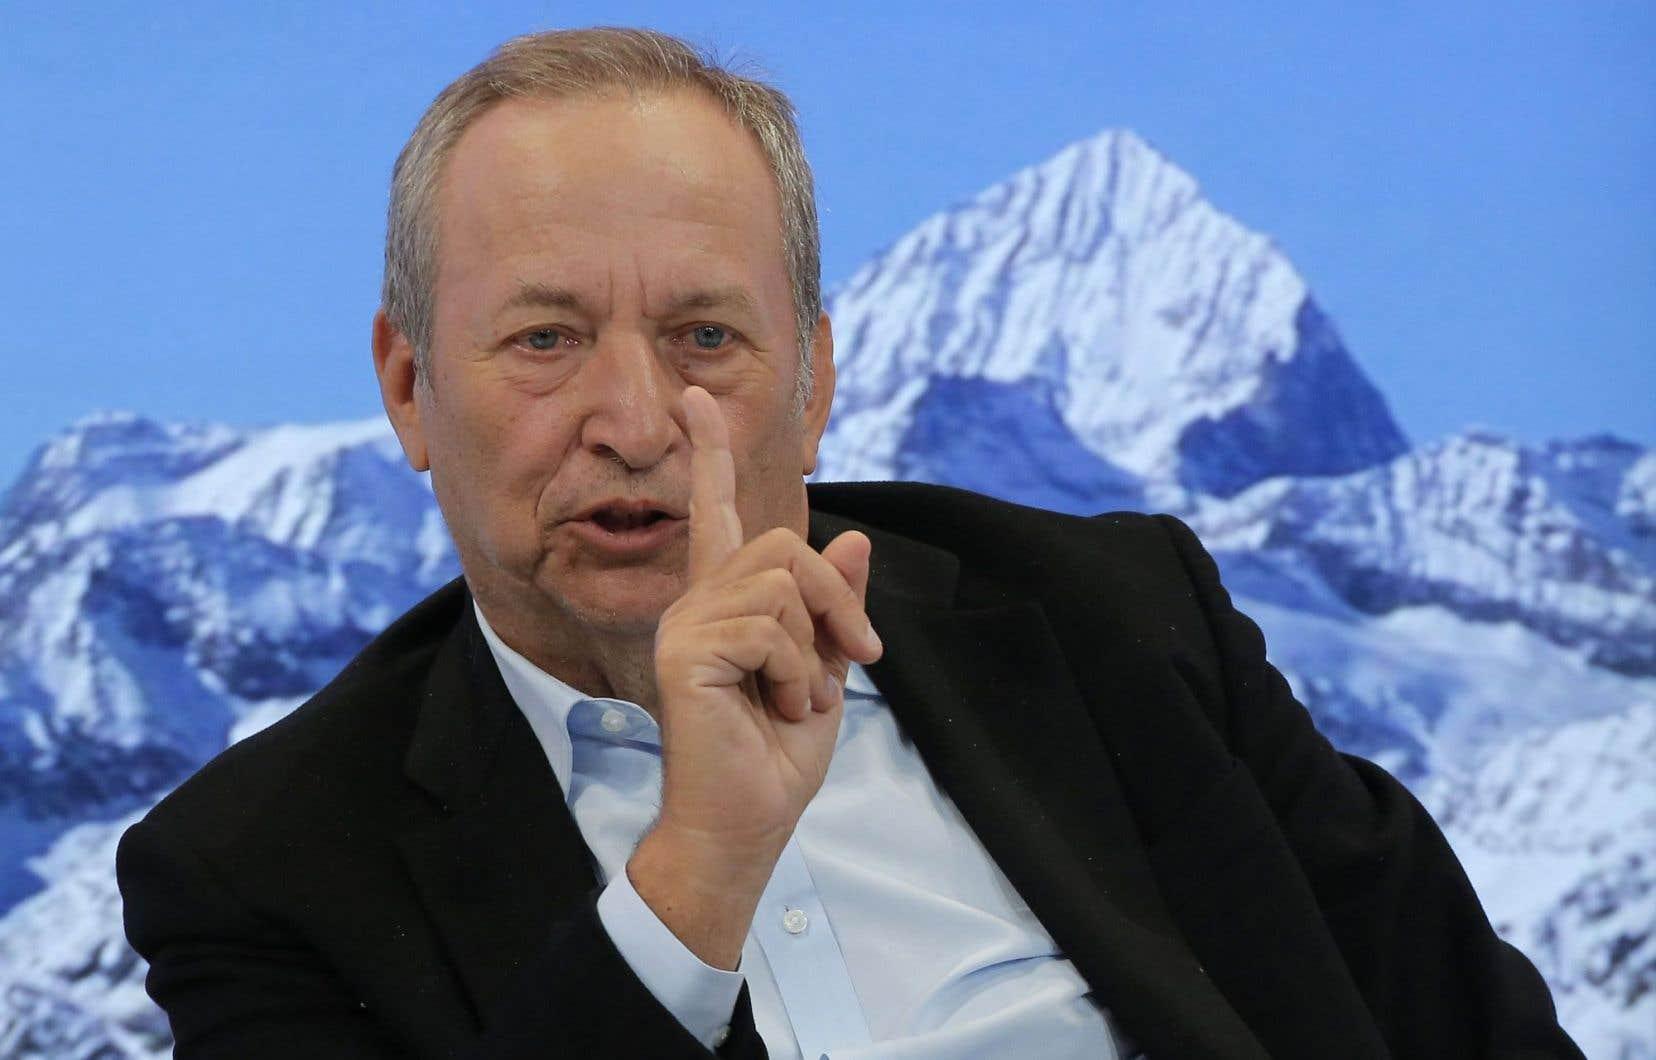 «C'est une erreur de ne pas reconnaître que la classe moyenne dans mon pays et dans d'autres est préoccupée par le fait que le gouvernement ne se bat pas pour elle», a déclaré l'ancien secrétaire au Trésor américain Lawrence Summers.